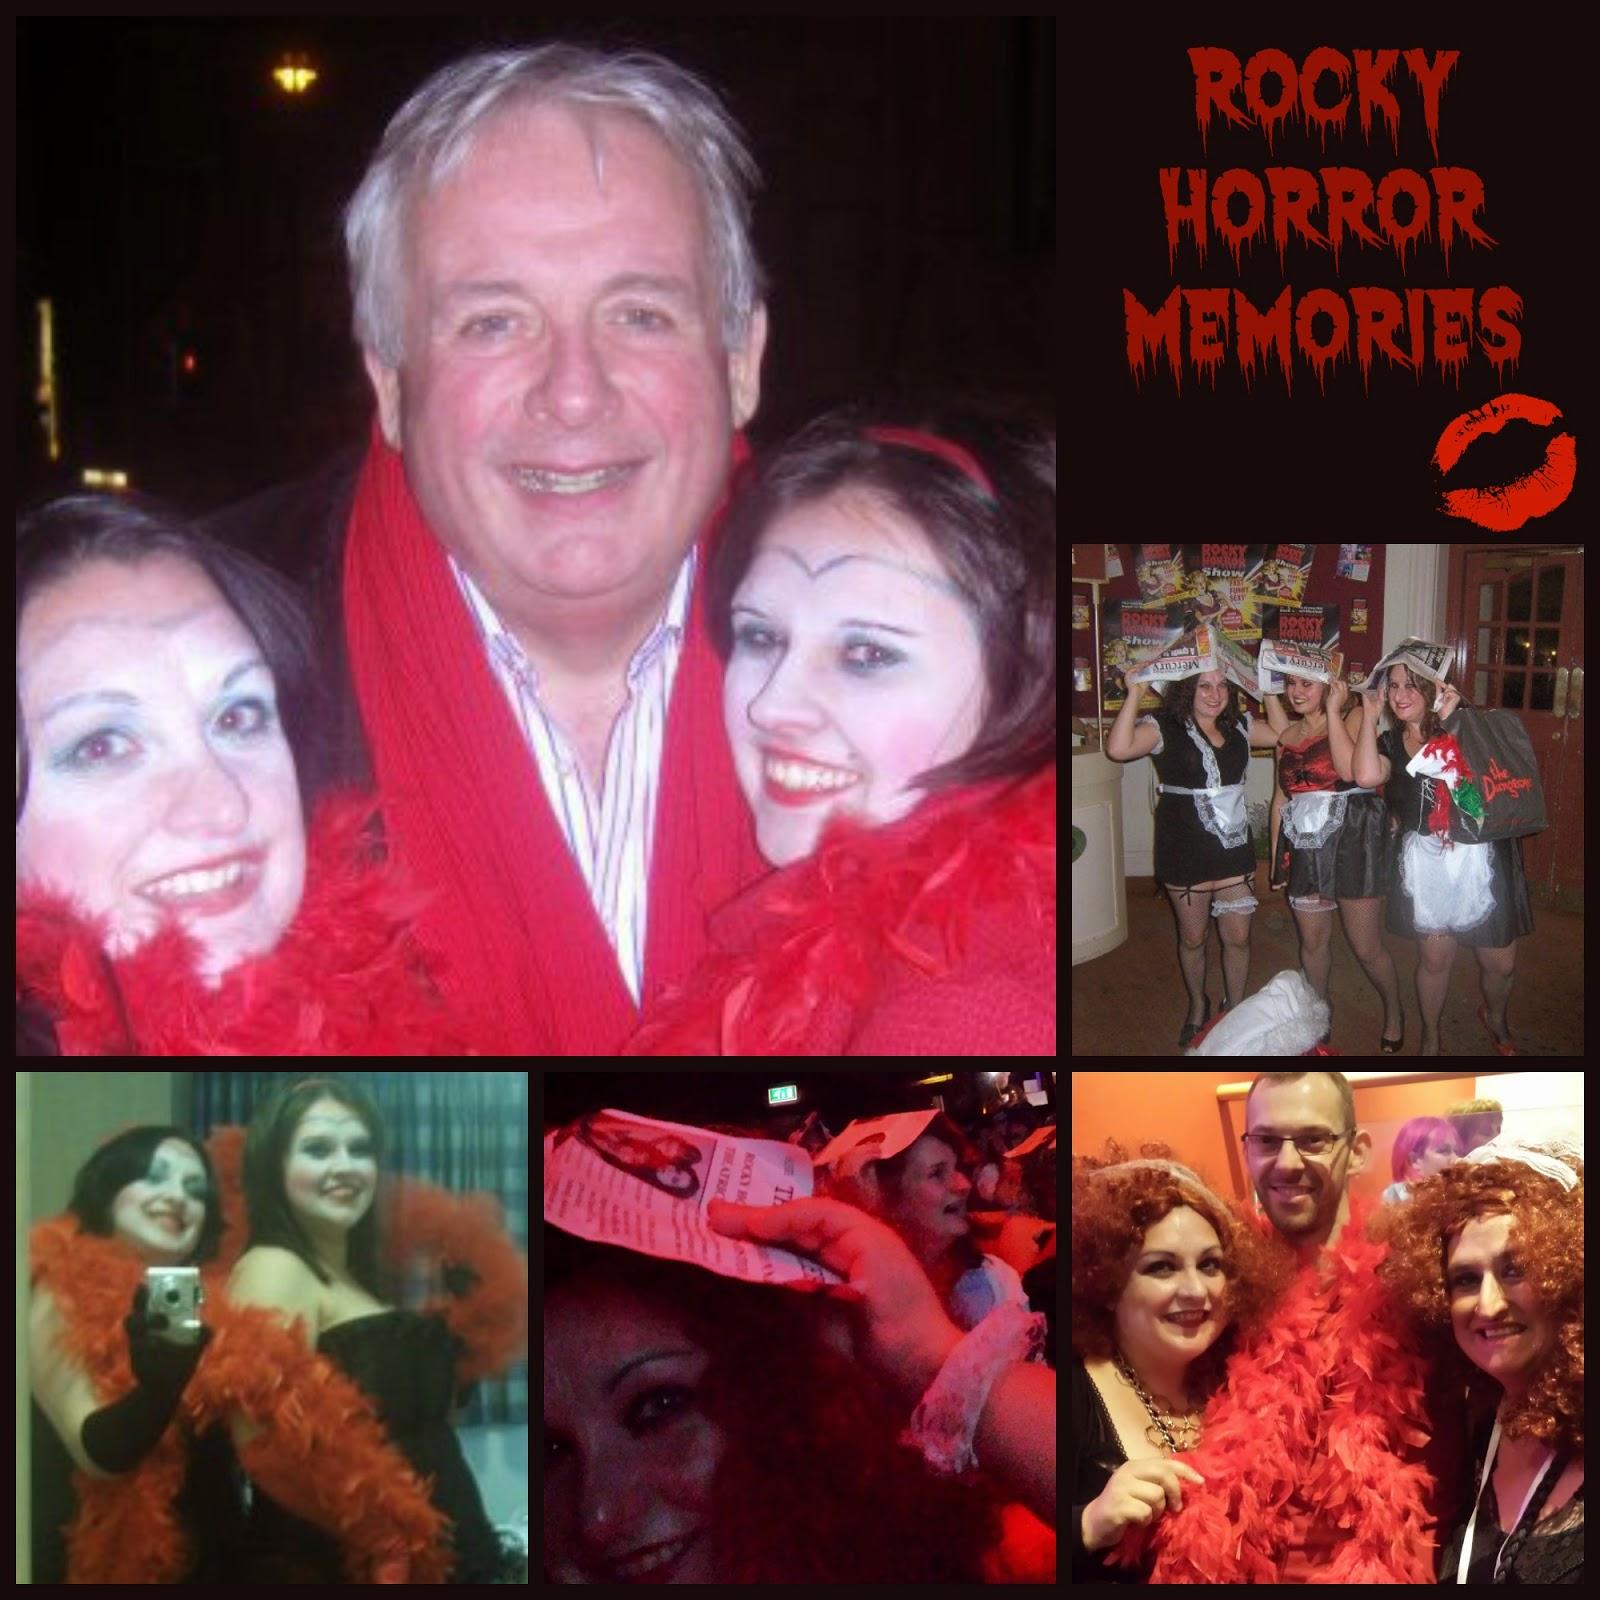 Halloween Rocky Horror Magenta Rimmel Make Up Look Memories